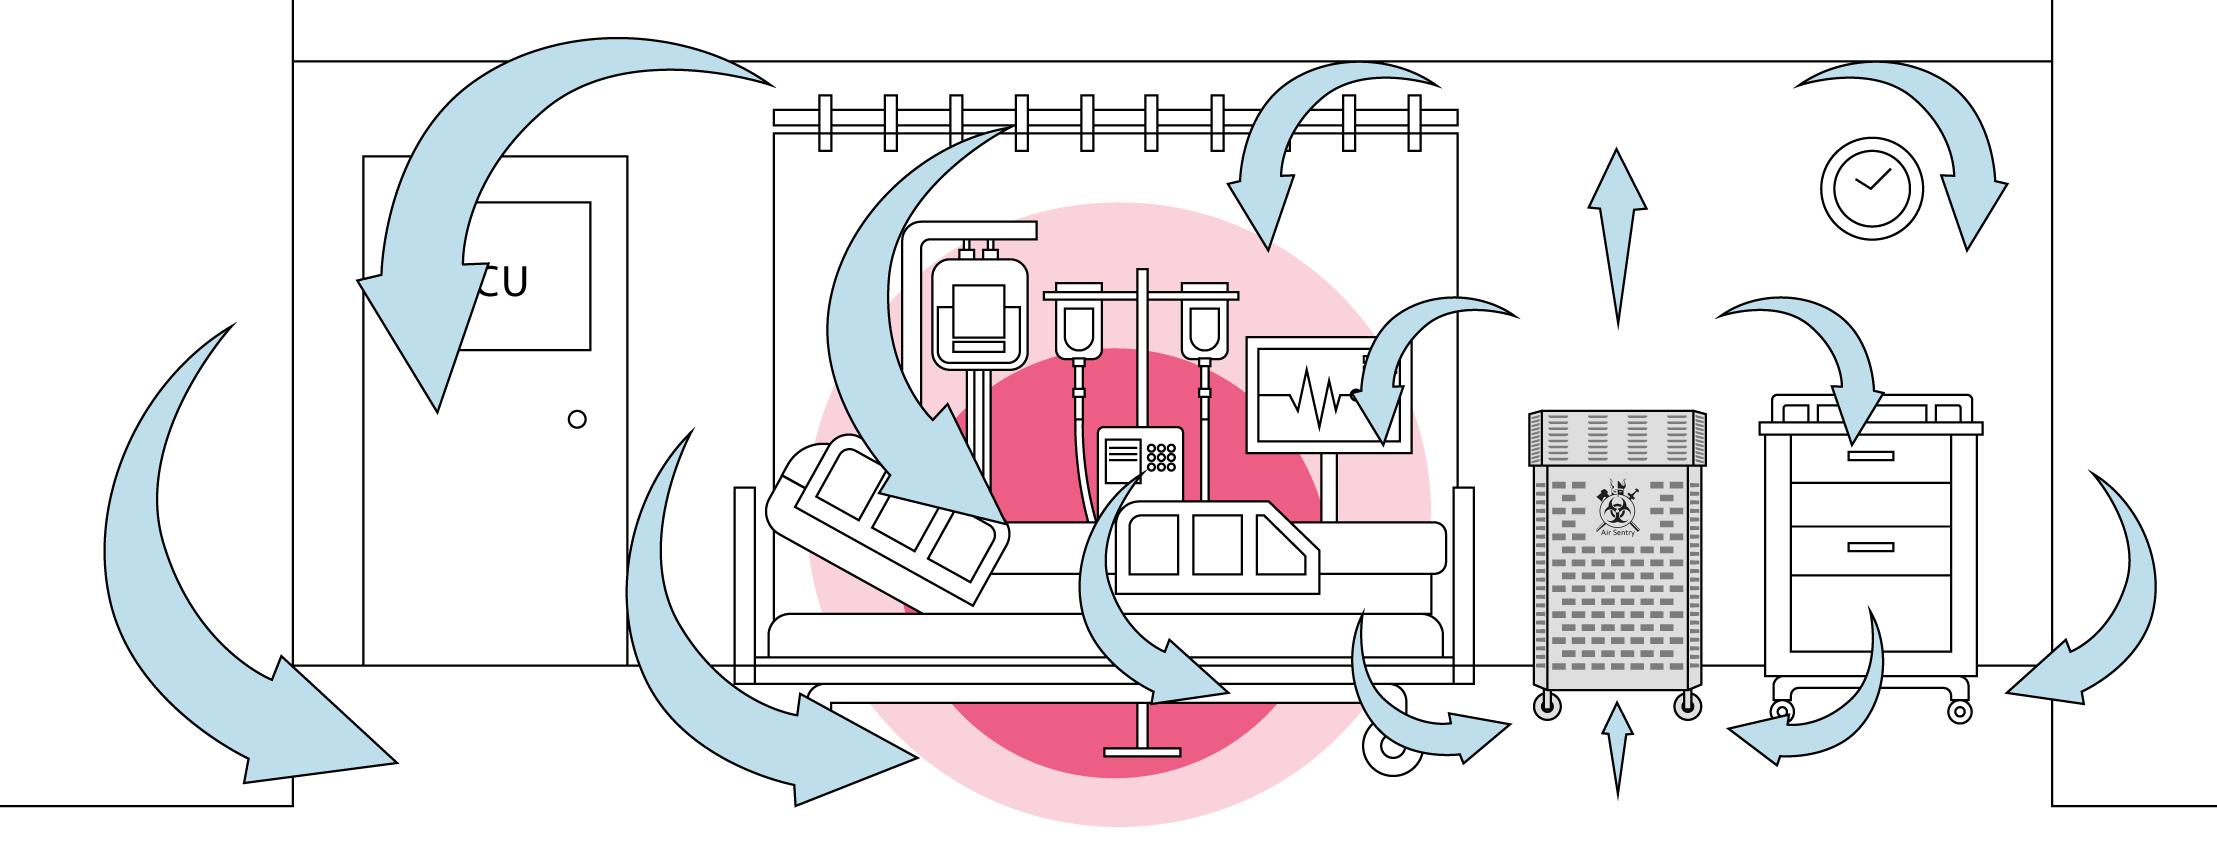 BCM_Homepage_Illustrations_ICU_Ward_V1-cropped-v3.1_A